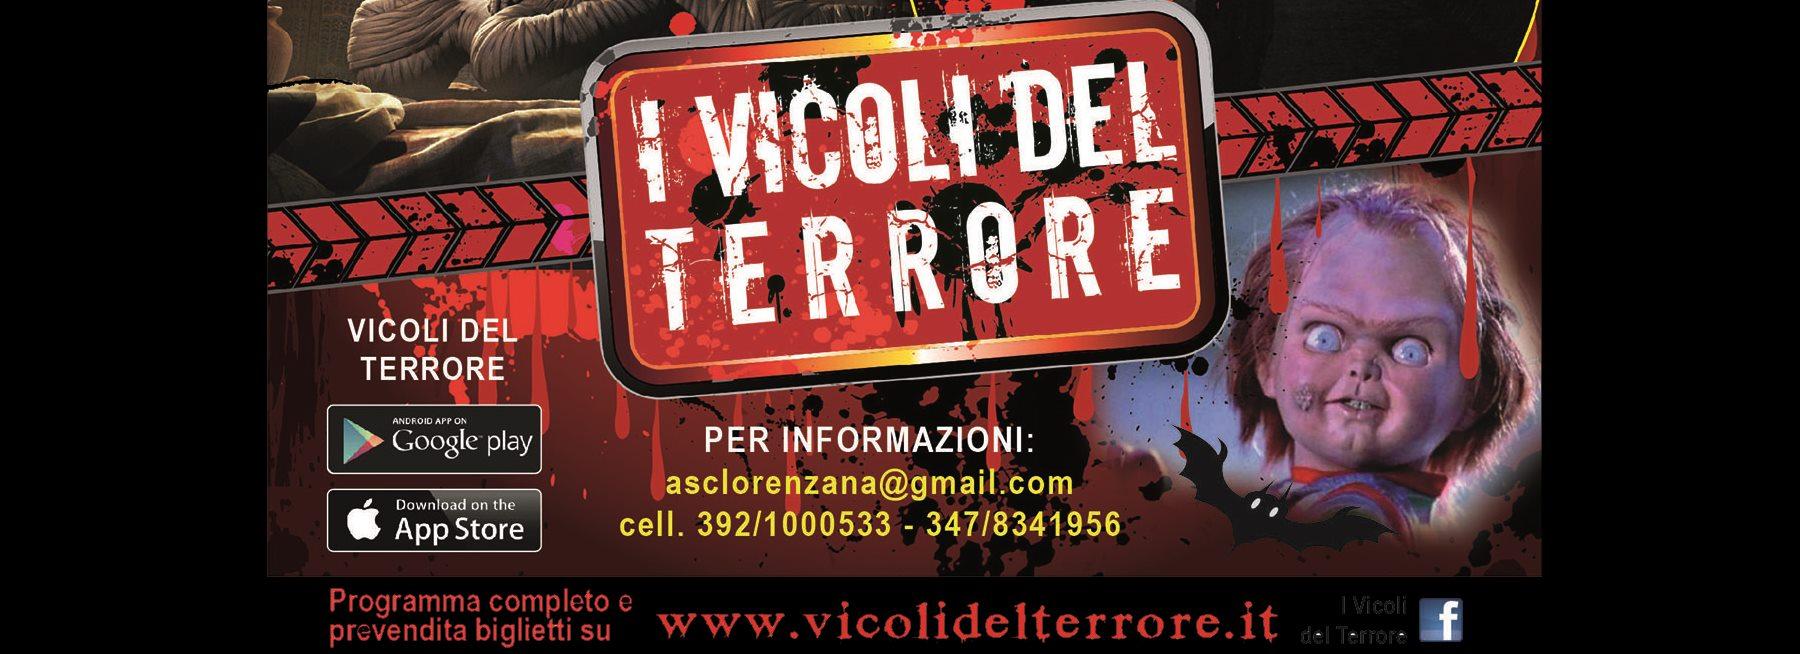 12° I vicoli del terrore | Lorenzana